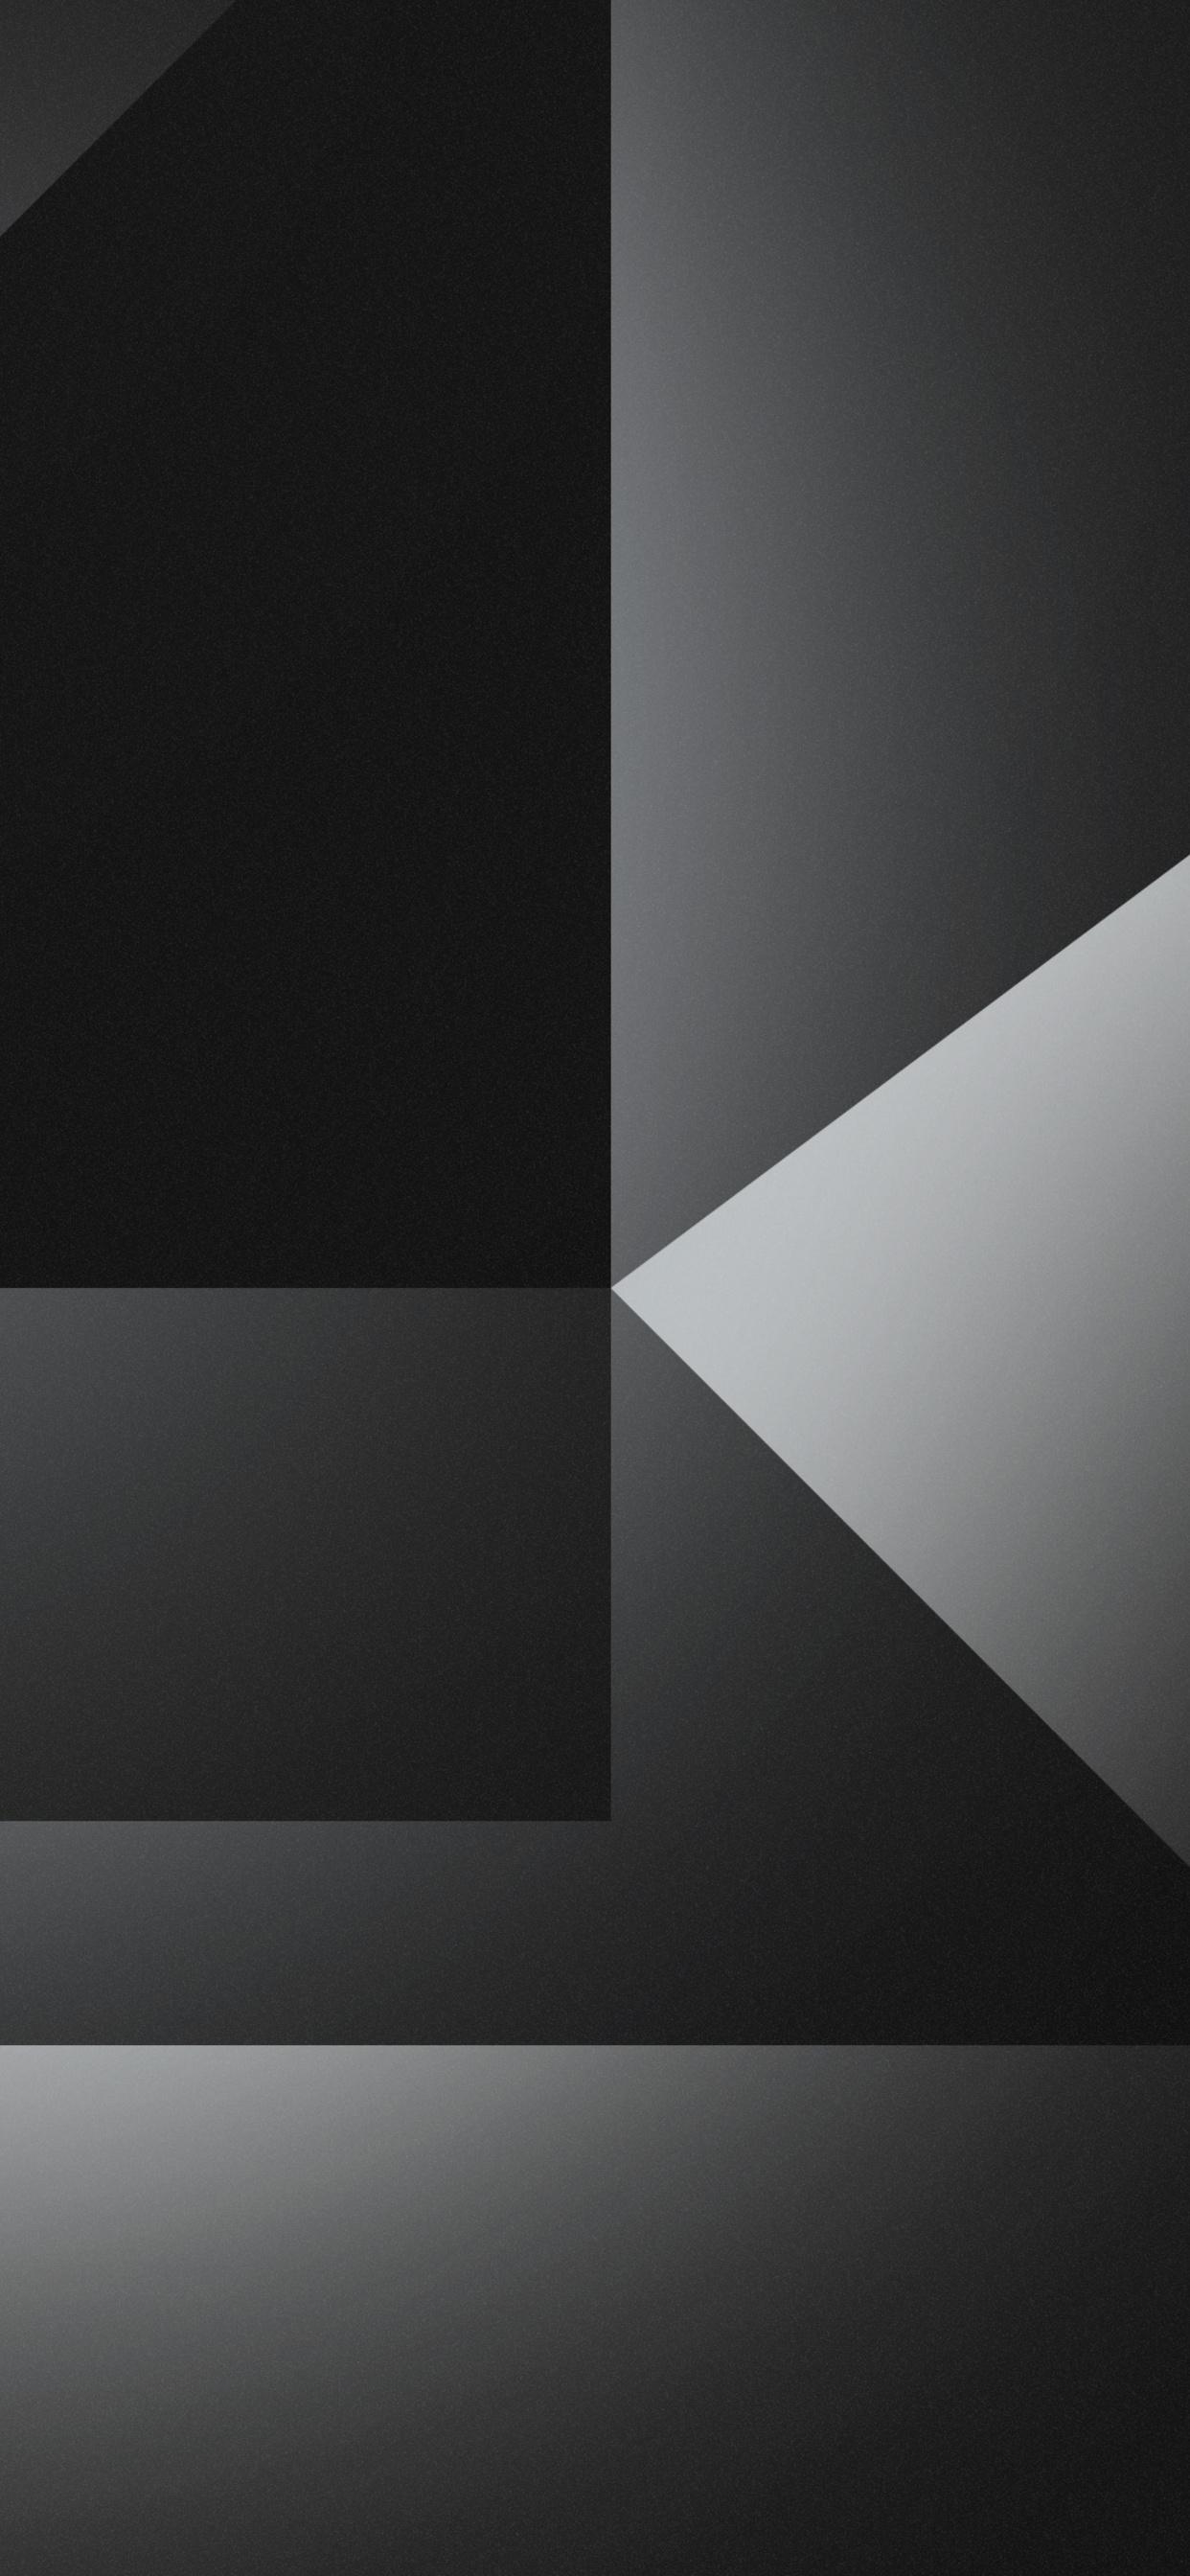 1242x2688 Dark Grey Abstract Shapes 4k Iphone Xs Max Hd 4k